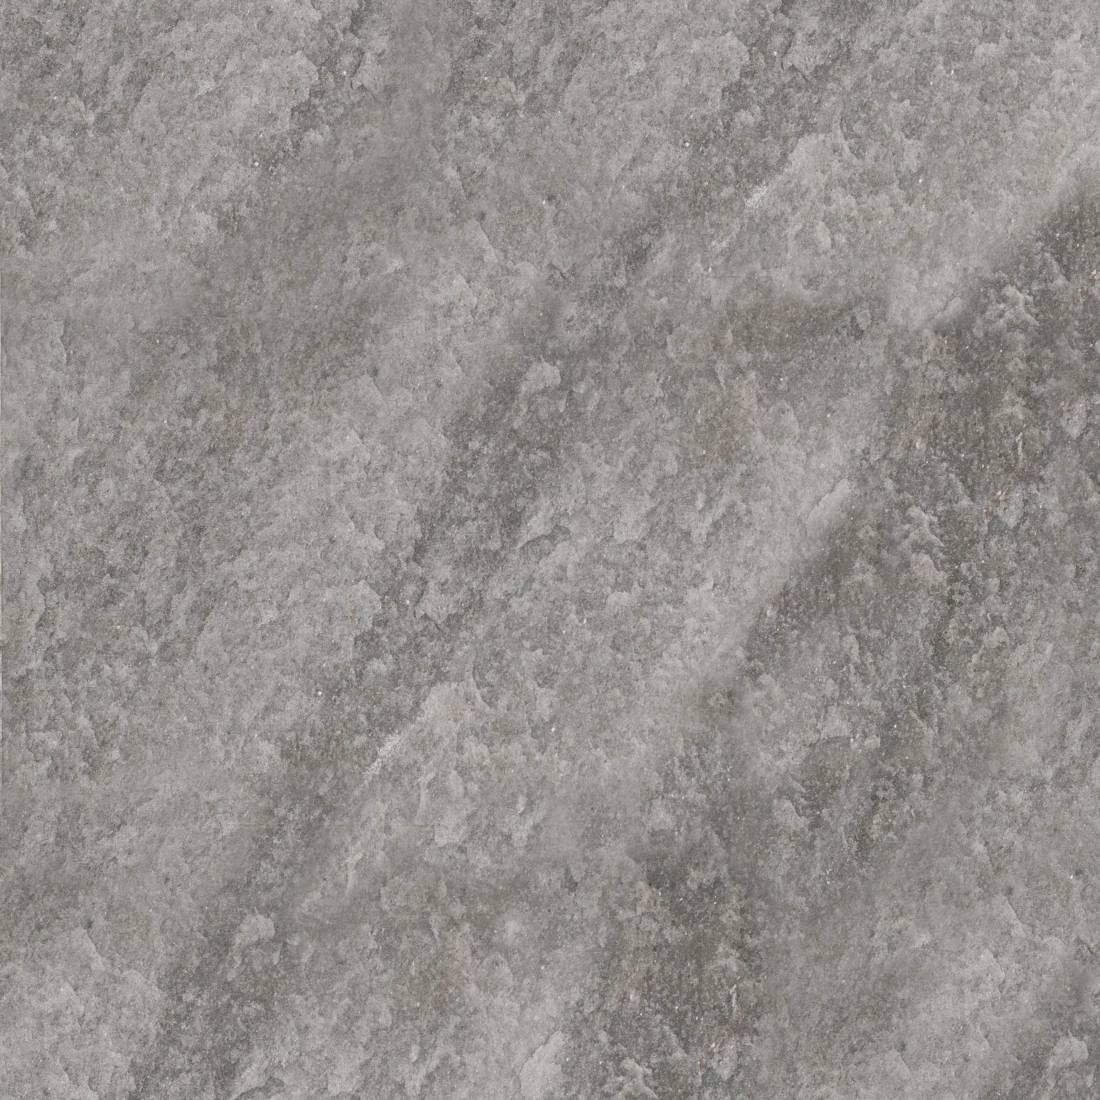 Fossil 45x45 Grafito 1